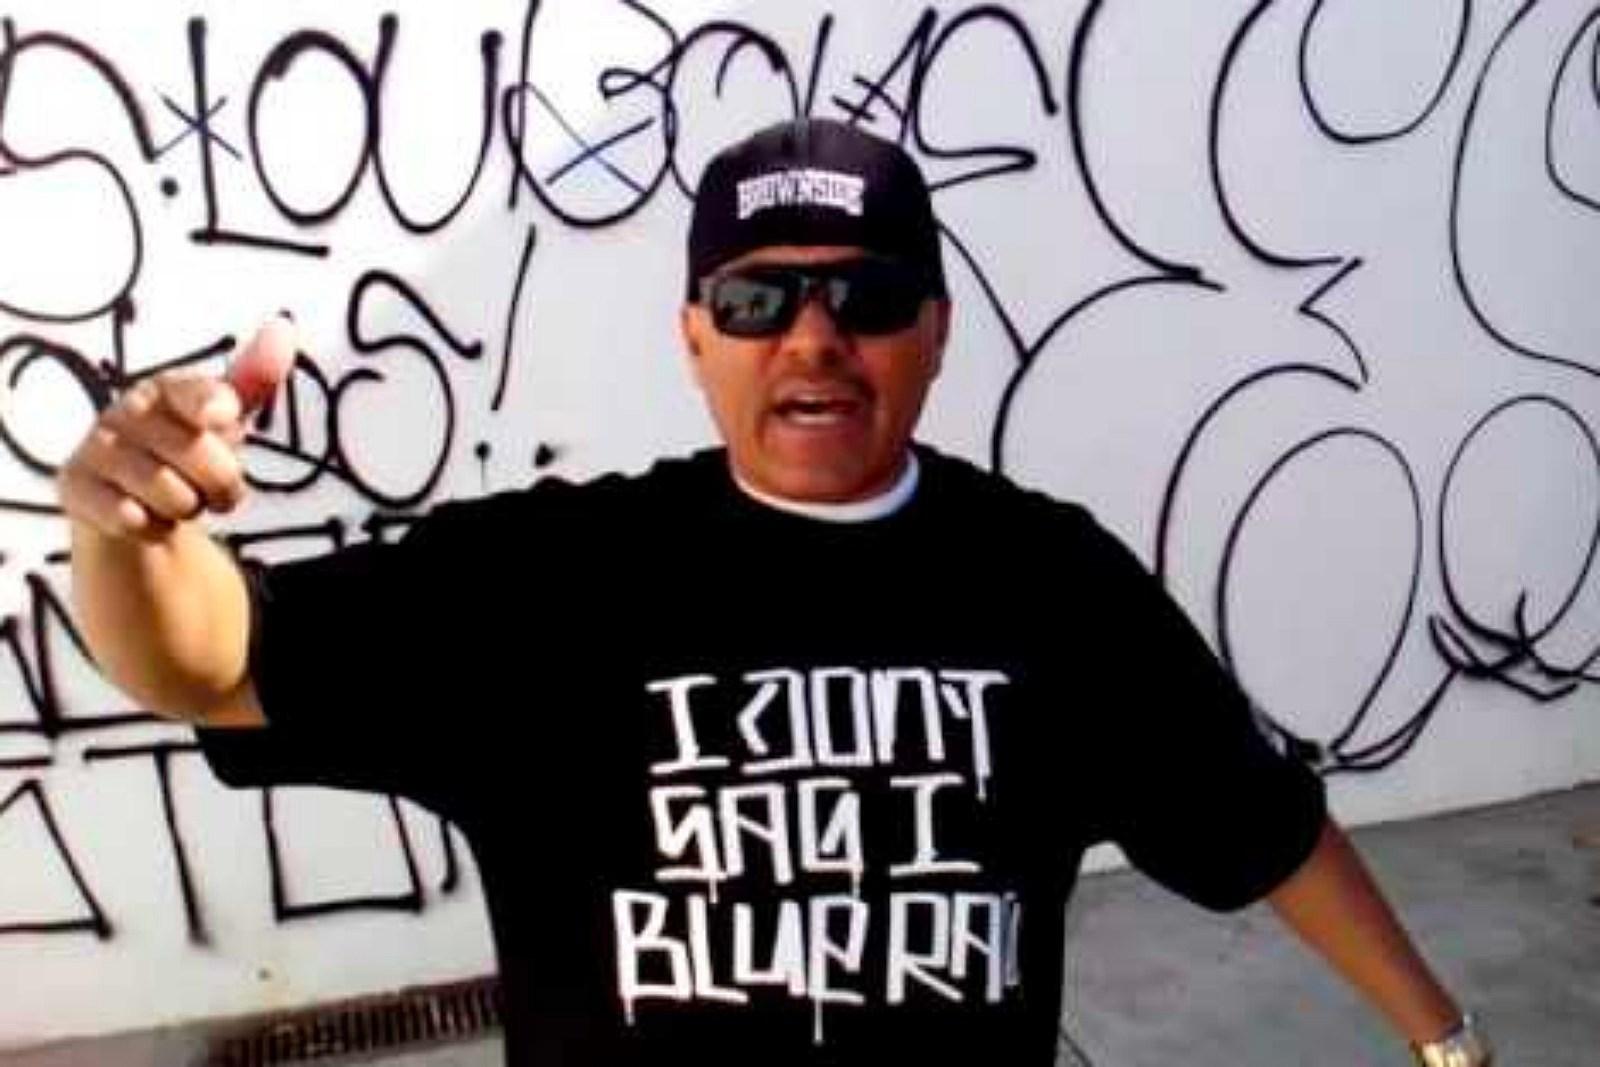 Gilbert 'Toker' Izquierdo of Eazy-E's Group Brownside Dies